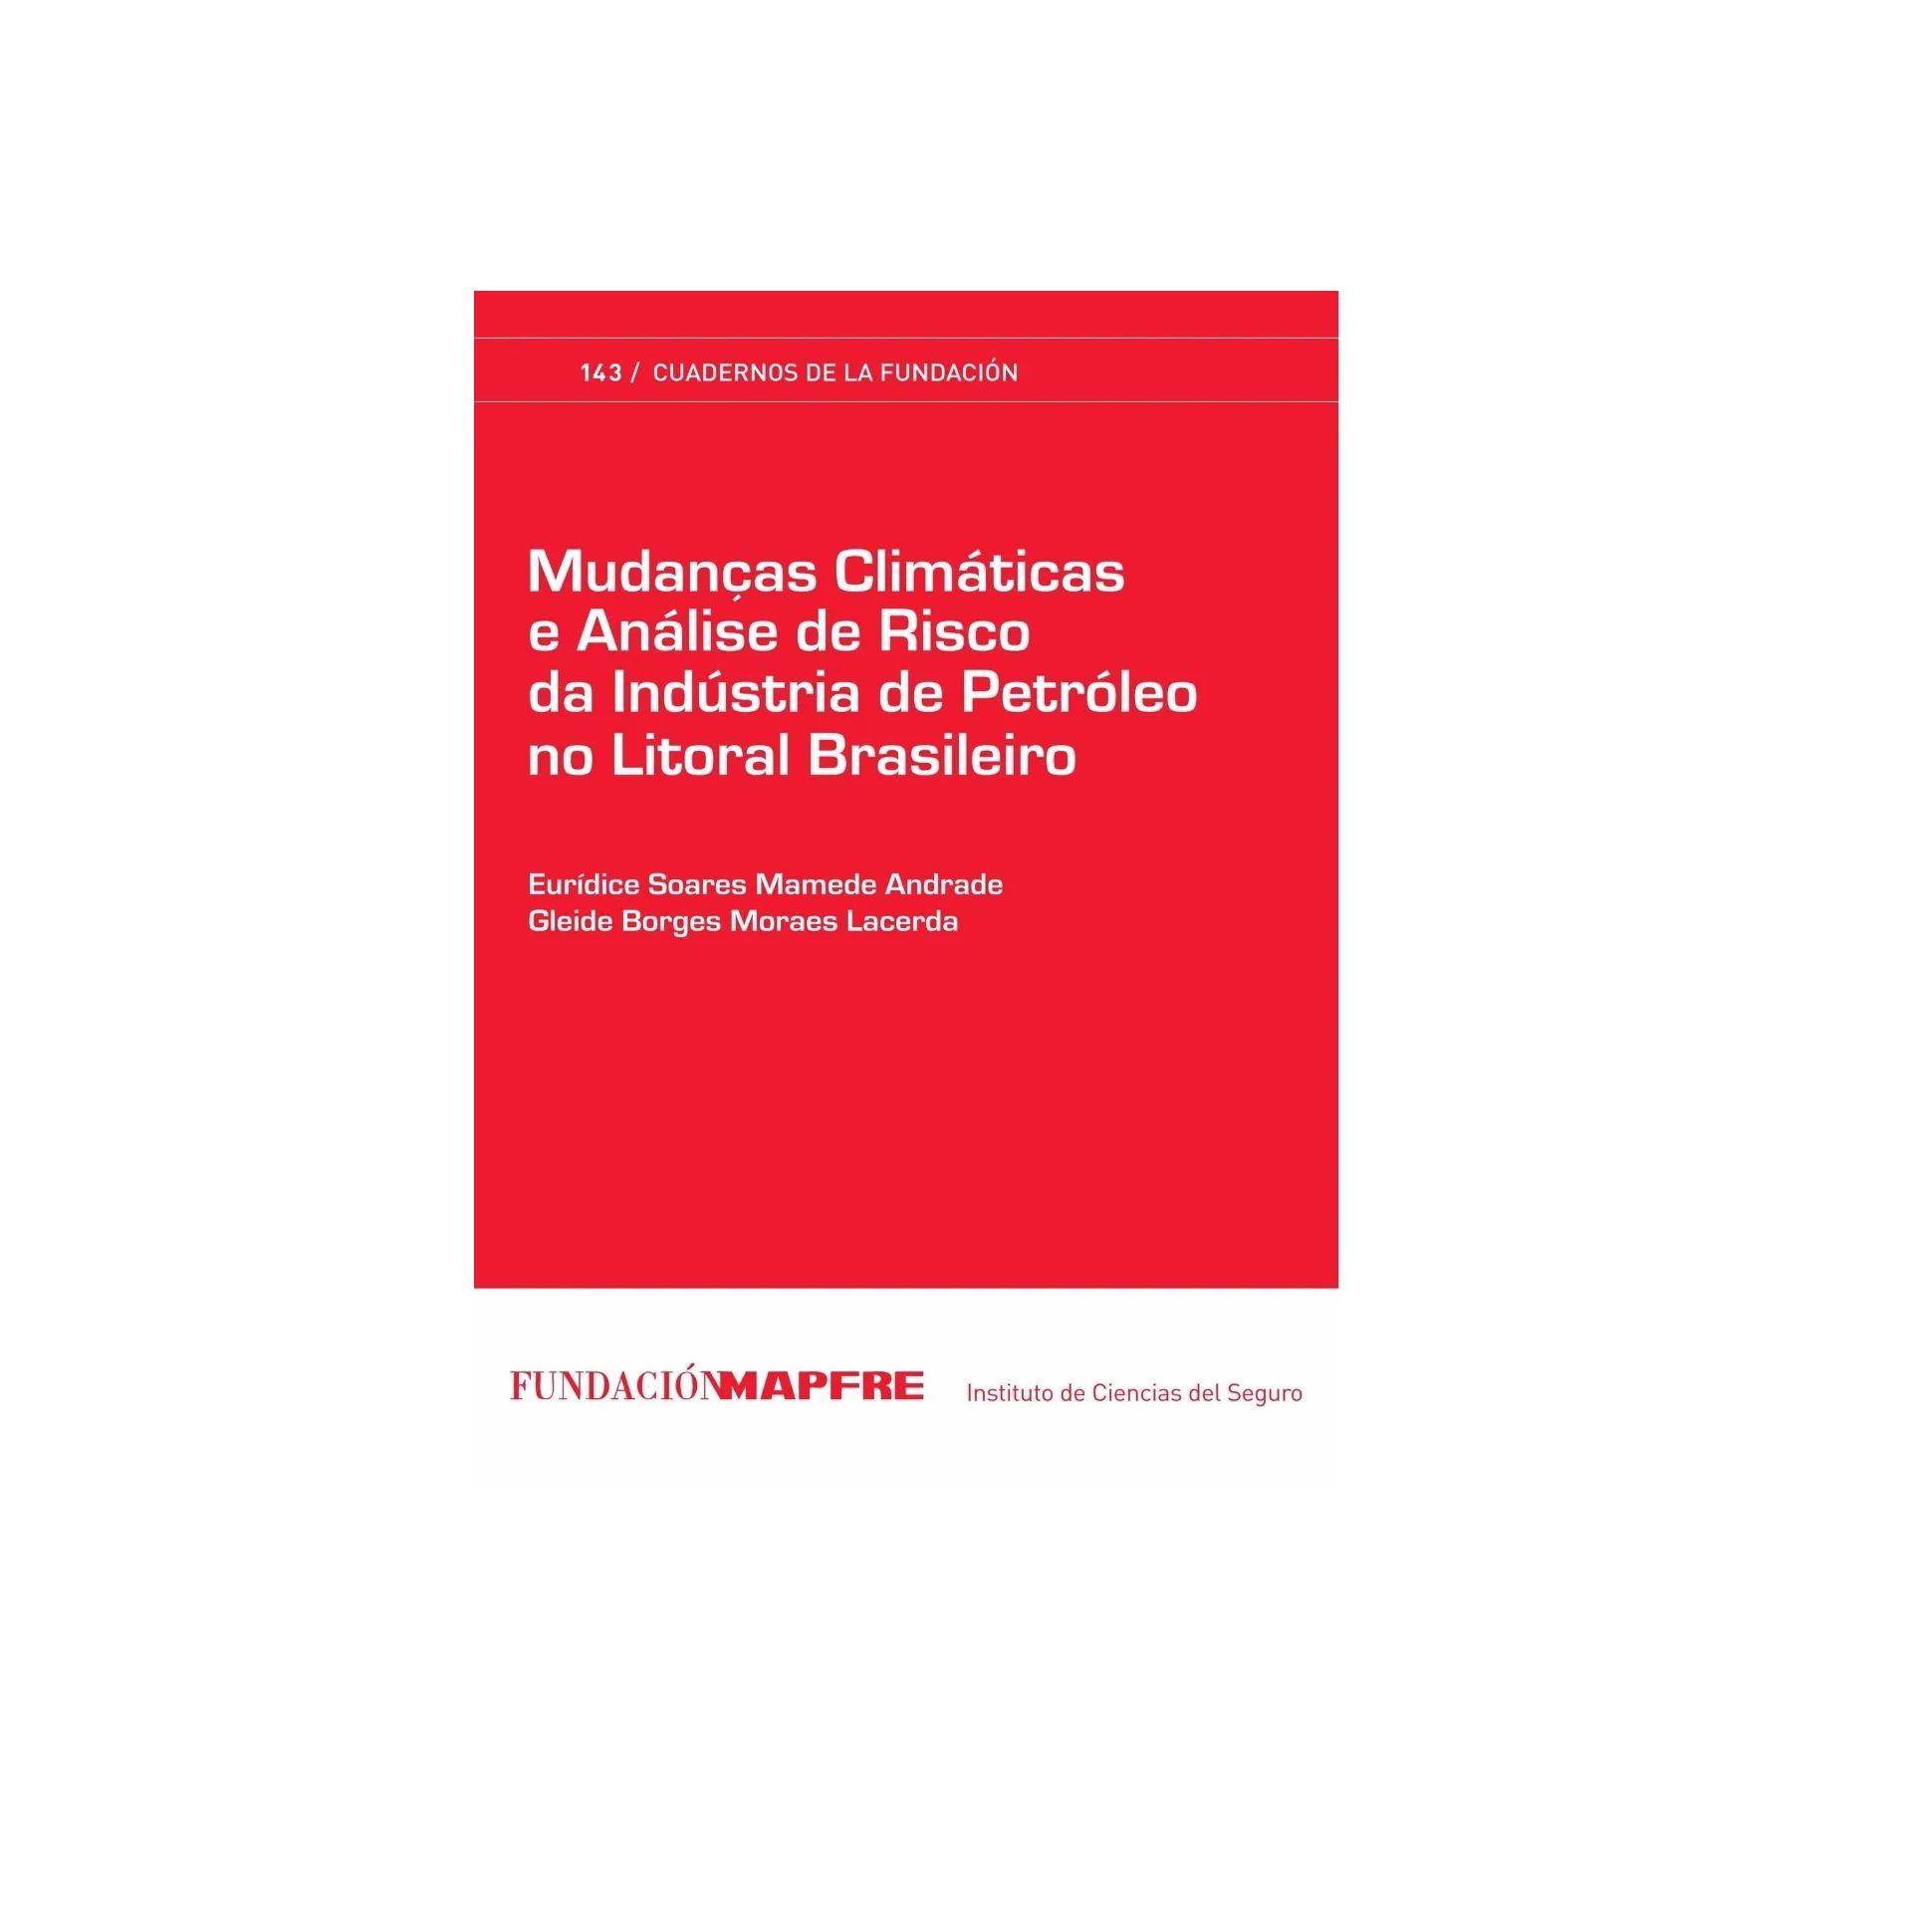 Livro Em Espanhol - Mudanças Climáticas e Análise de Risco da Indústria de Petróleo no Litoral